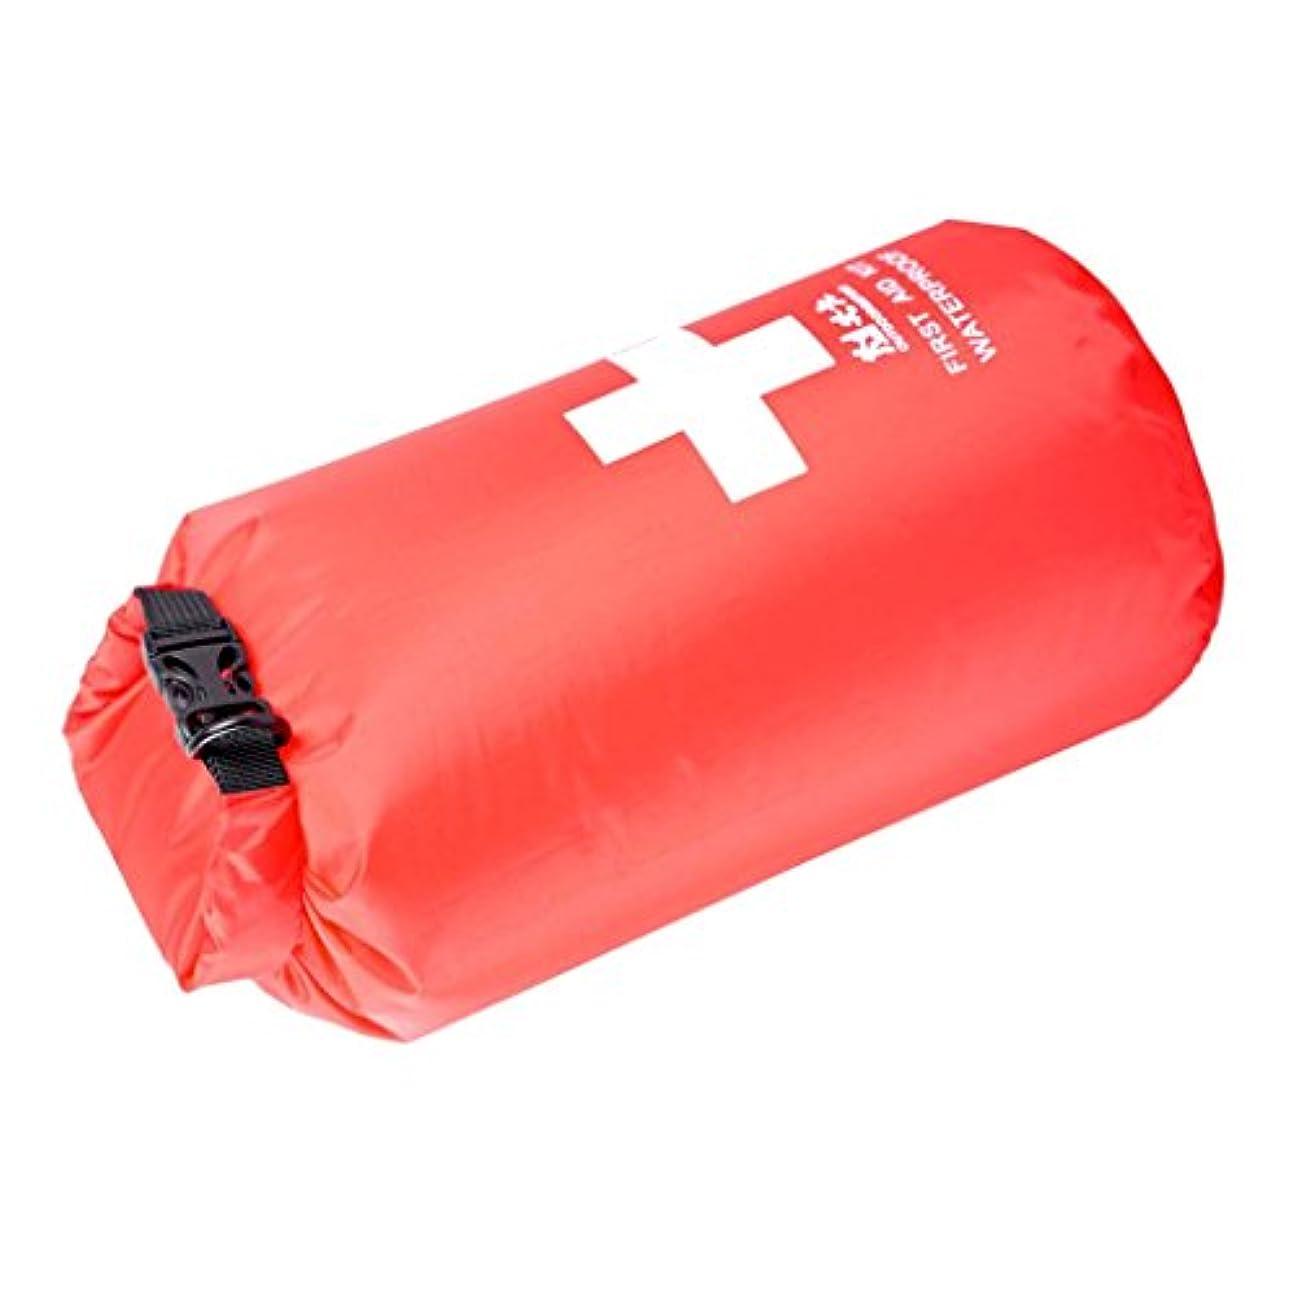 現実ハロウィンビームCUTICATE 防水 ドライサック 5l 救急箱 ドライバッグ/キャンプ ハイキング カヤック用品